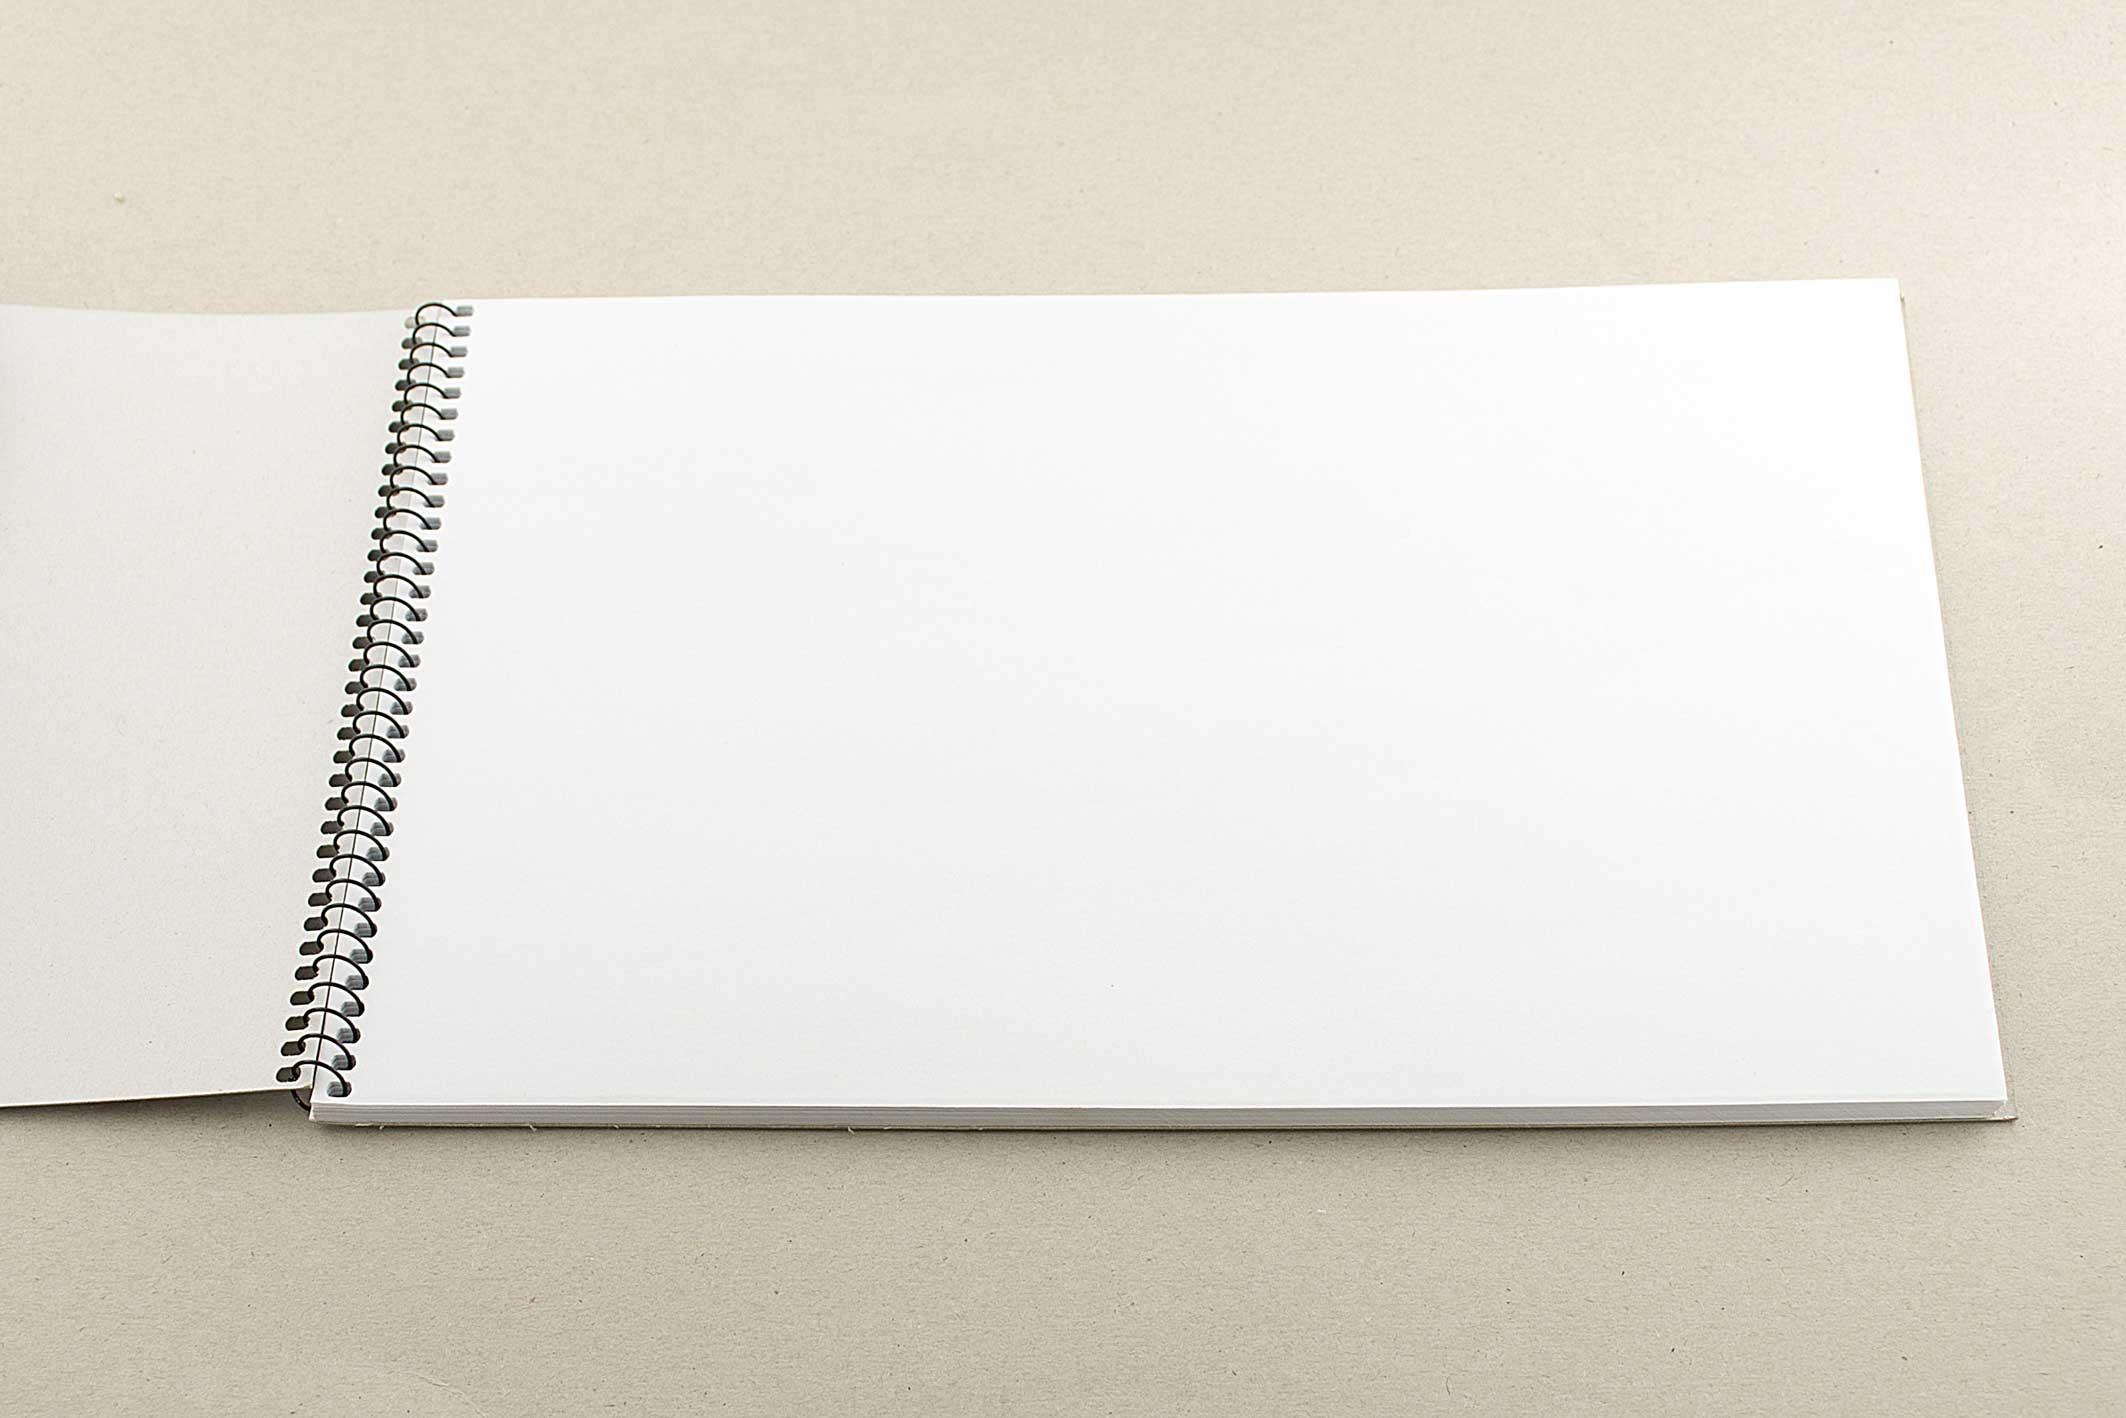 чертой нарисуйте с фото на белую бумагу особенностях породы содержания